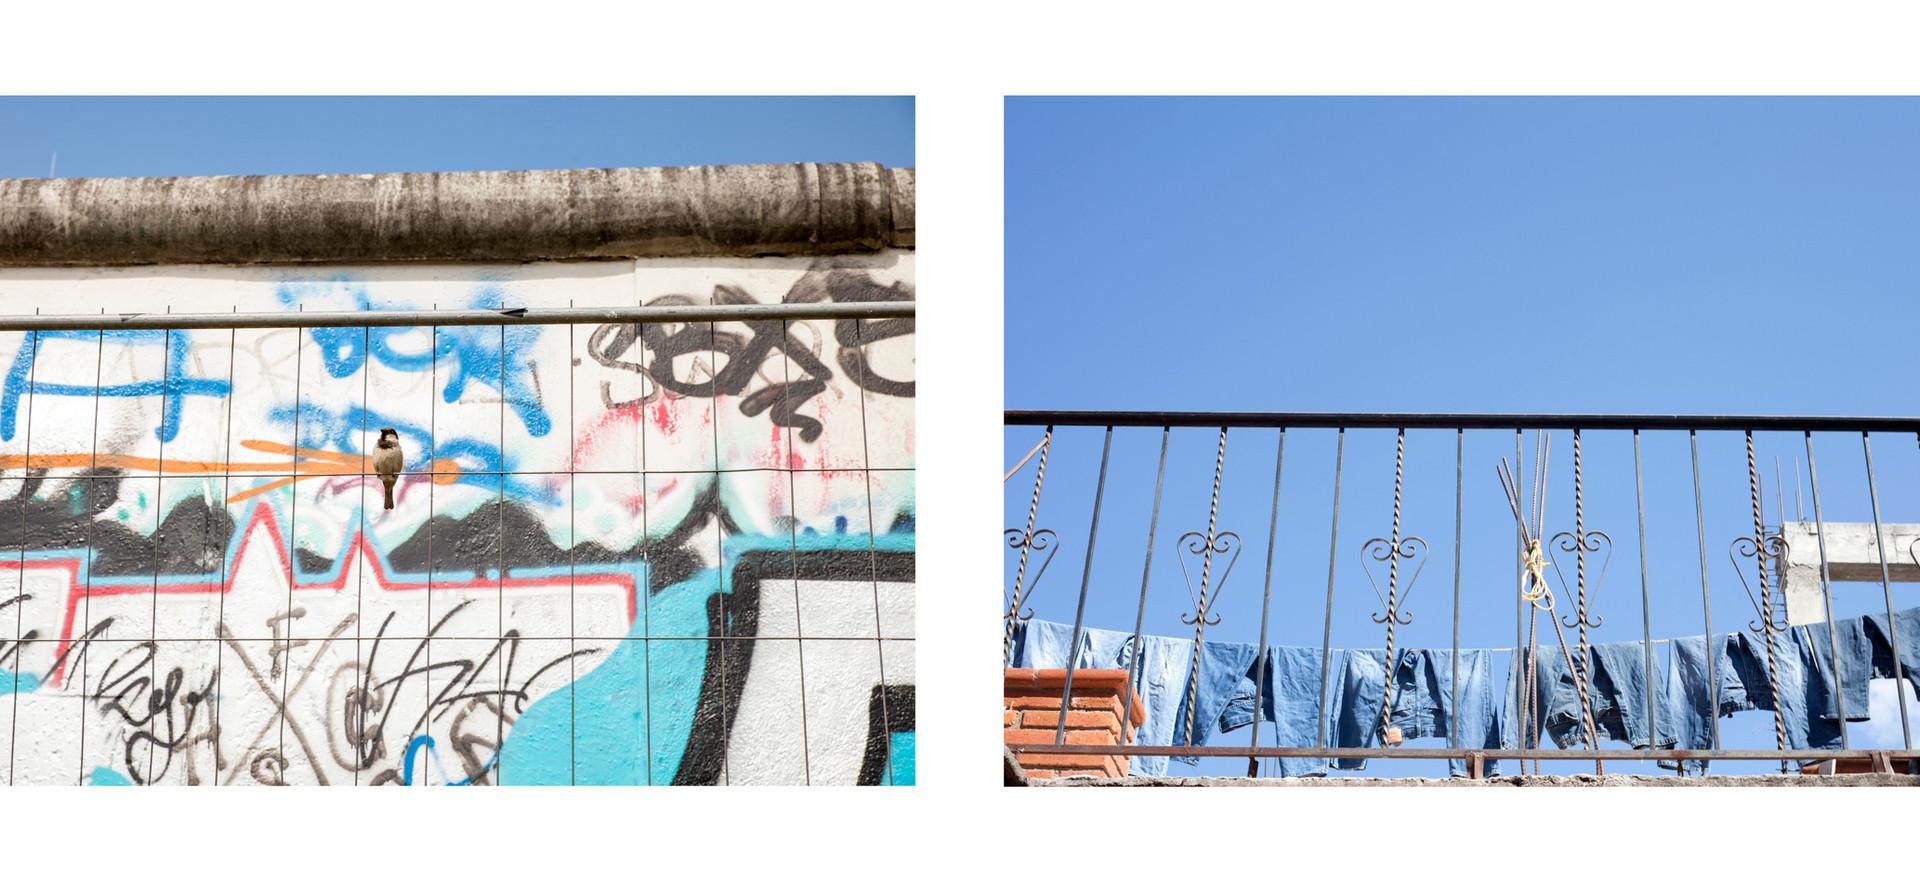 Berlin, Germany and Oaxaca, Mexico